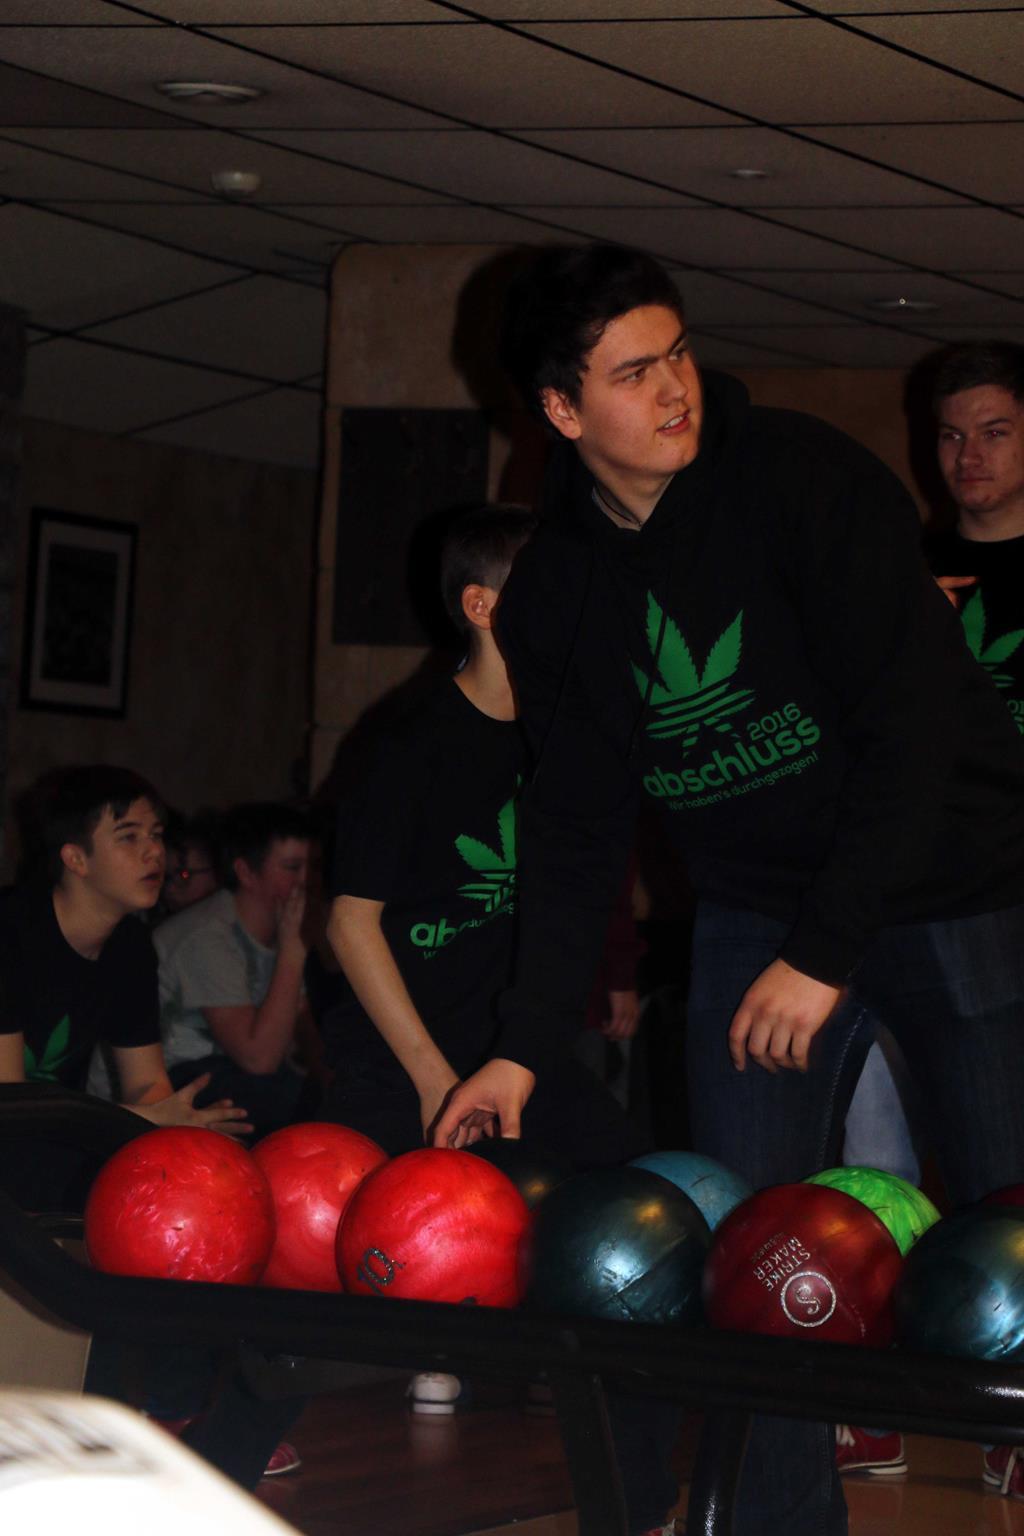 Bowling 2016 (Copy)